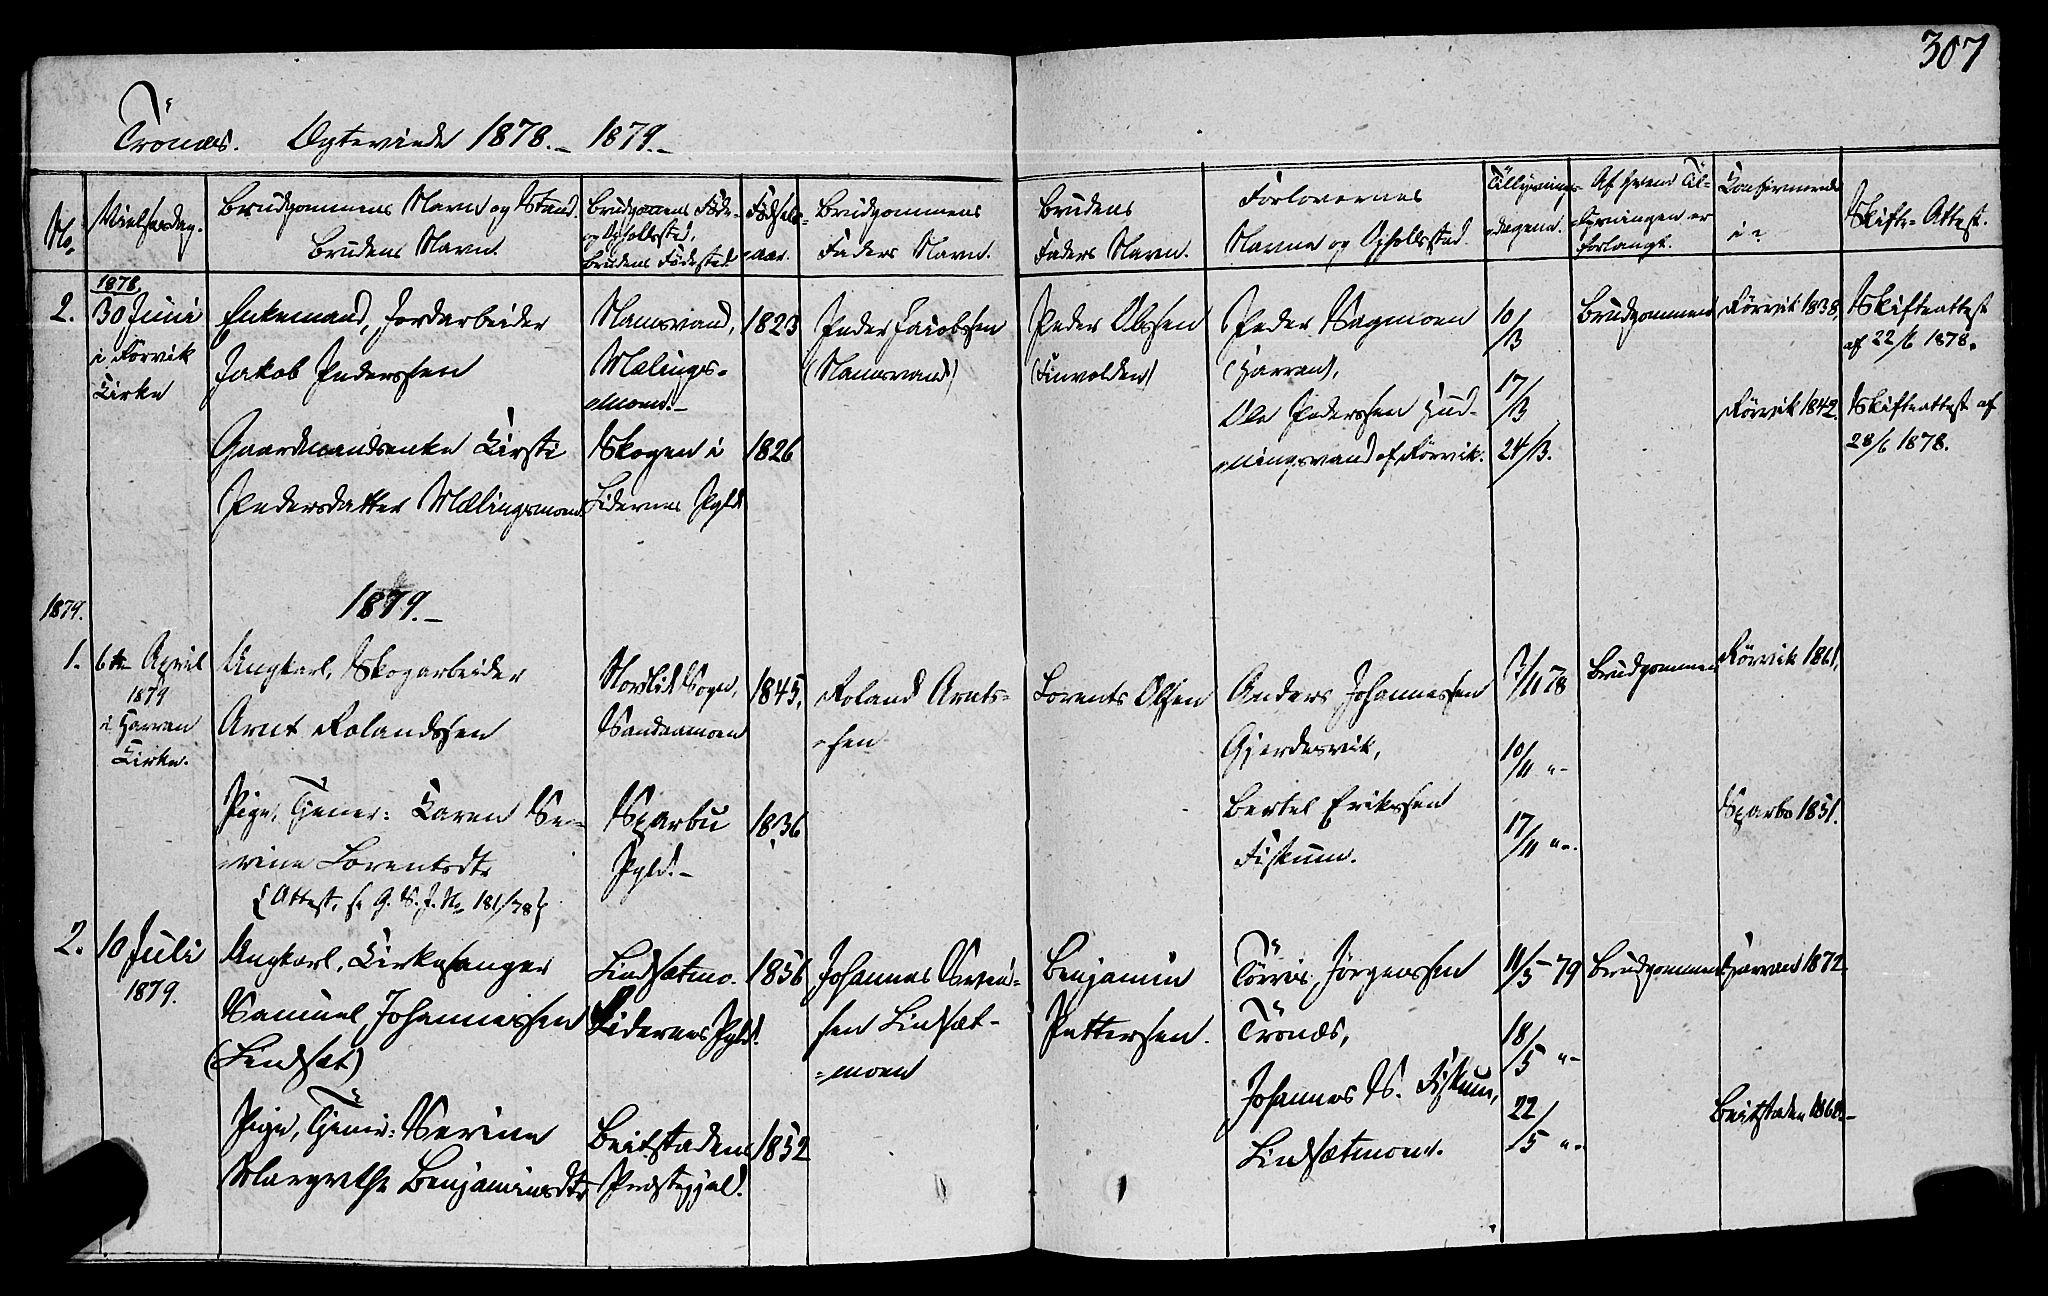 SAT, Ministerialprotokoller, klokkerbøker og fødselsregistre - Nord-Trøndelag, 762/L0538: Ministerialbok nr. 762A02 /2, 1833-1879, s. 307